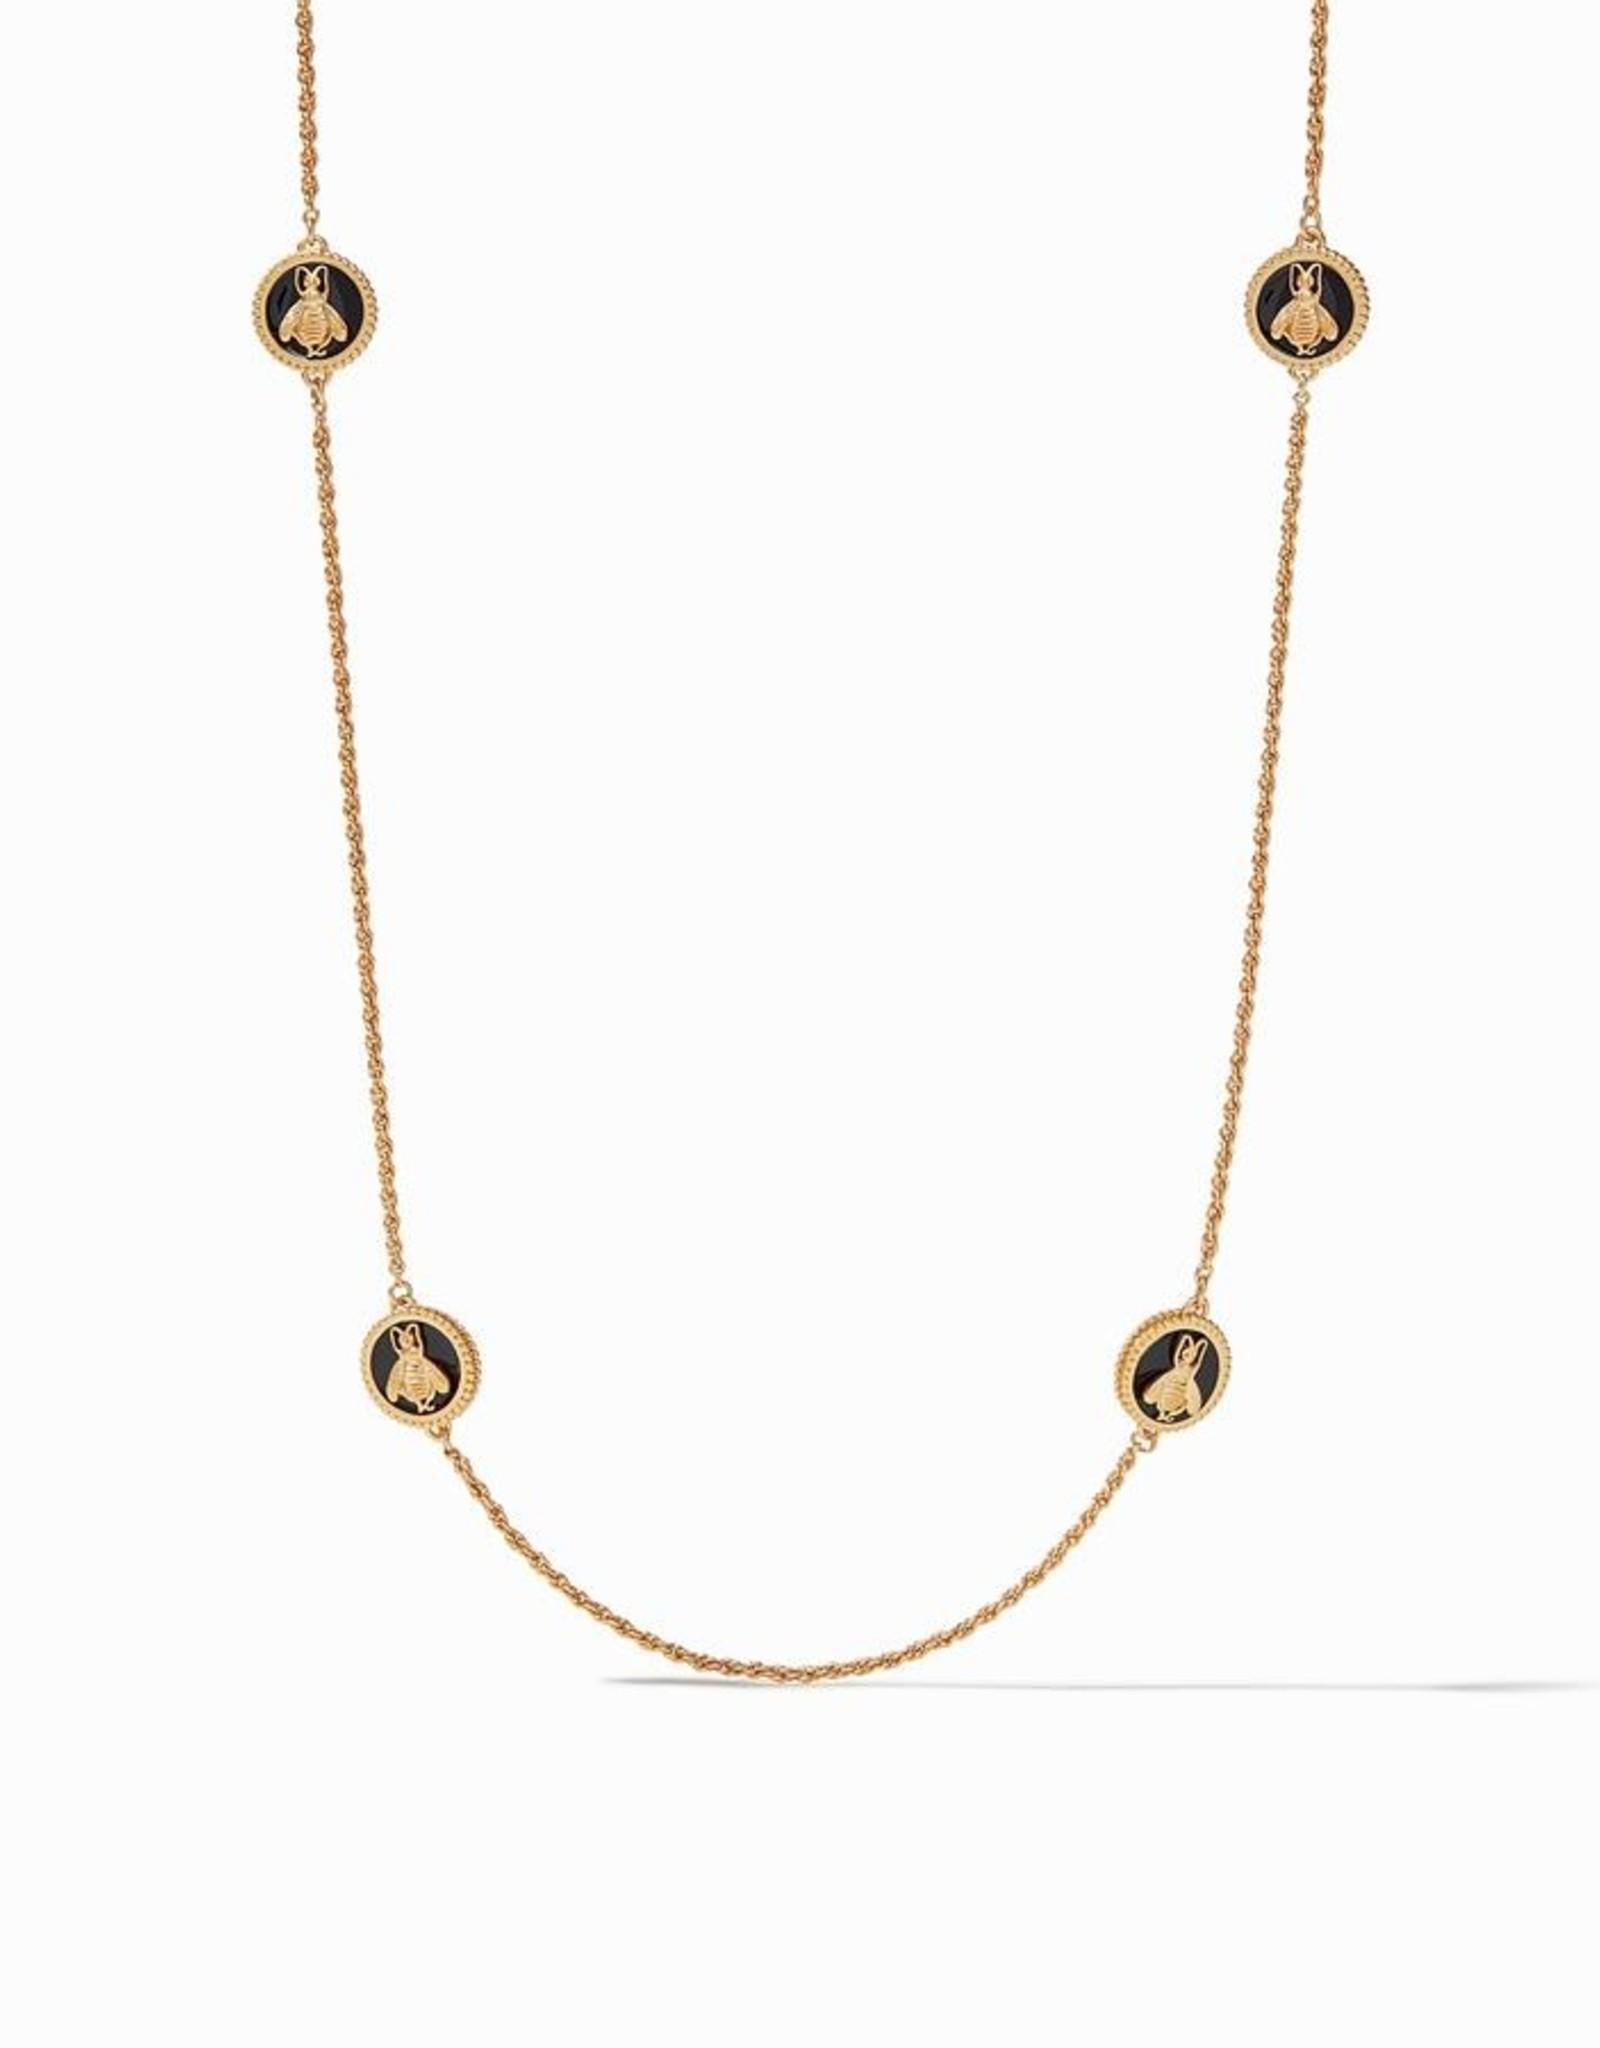 Julie Vos Julie Vos Bee Cameo Station Necklace Black Enamel